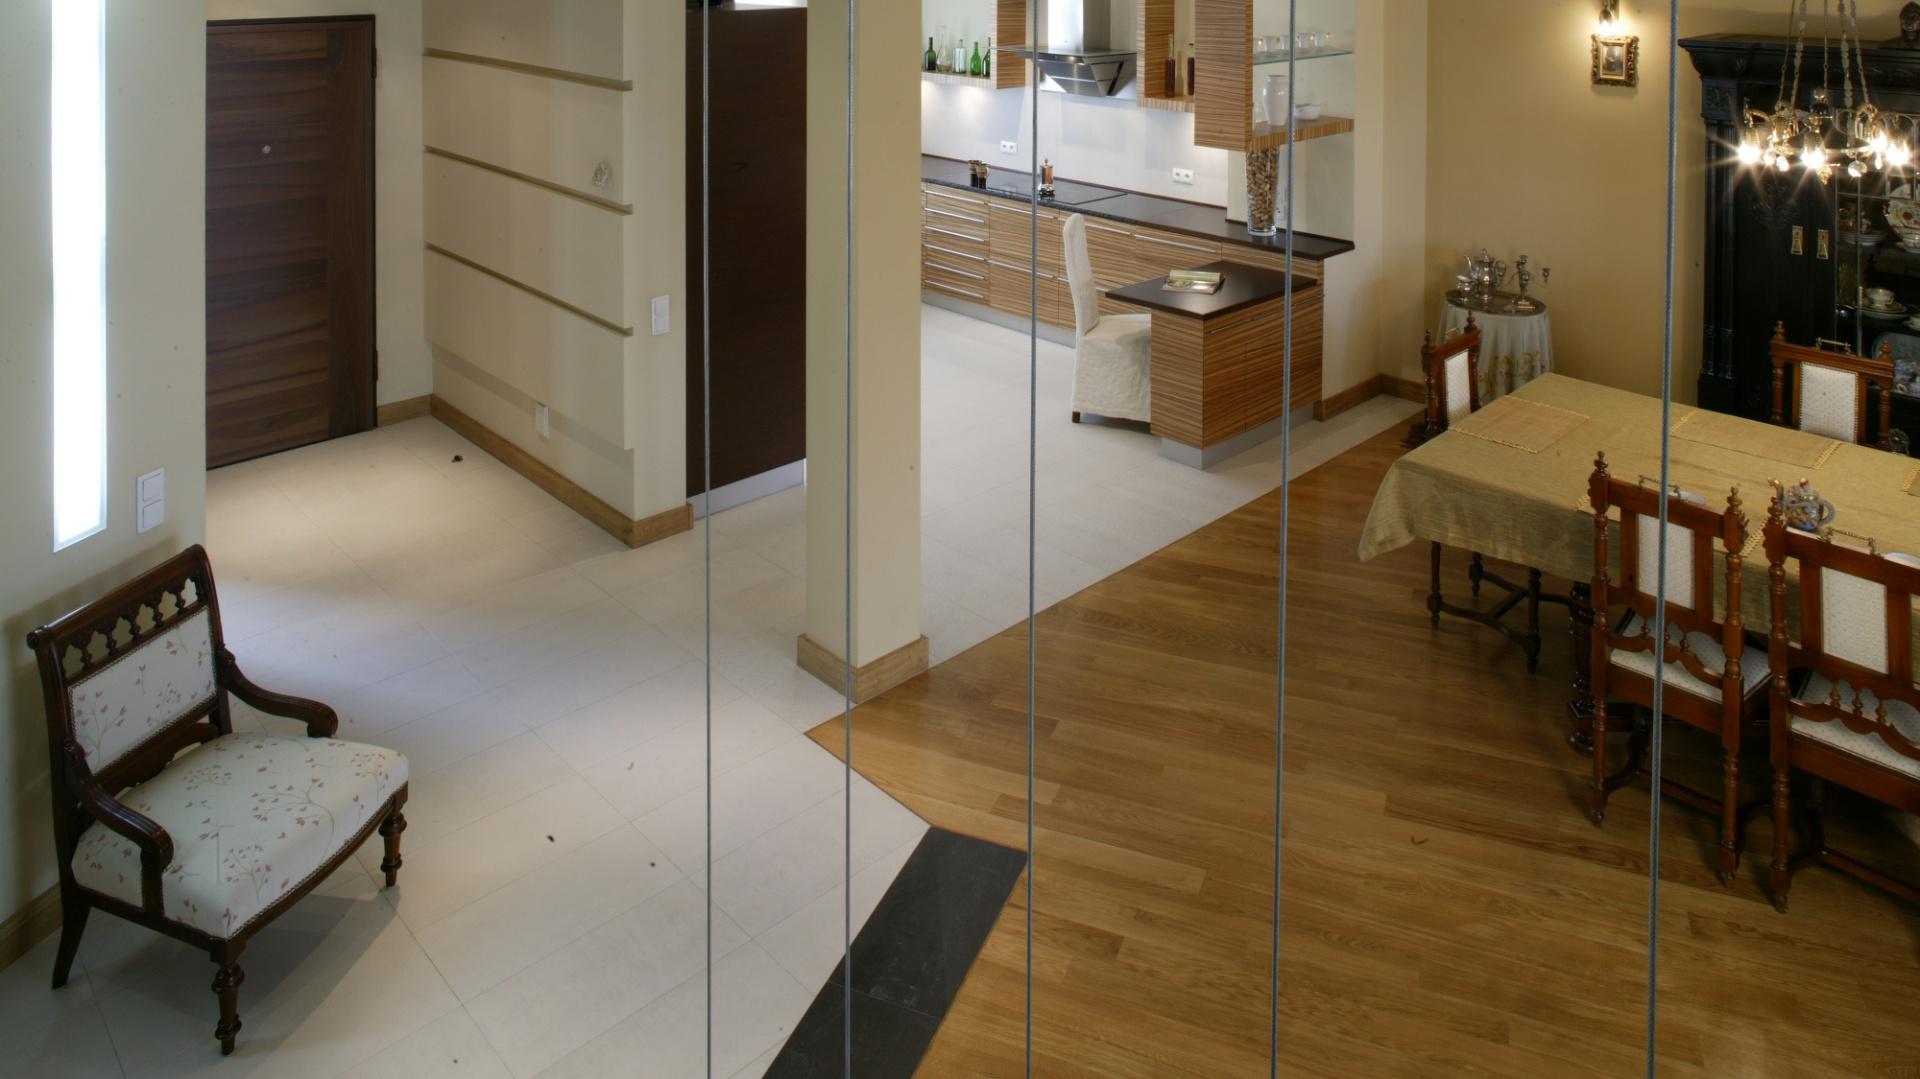 Fragment dziennej części domu widziany ze schodów wiodących na piętro. Dominuje tu przestrzeń i ciekawy eklektyzm stylów urządzenia poszczególnych zakątków. Fot. Monika Filipiuk.